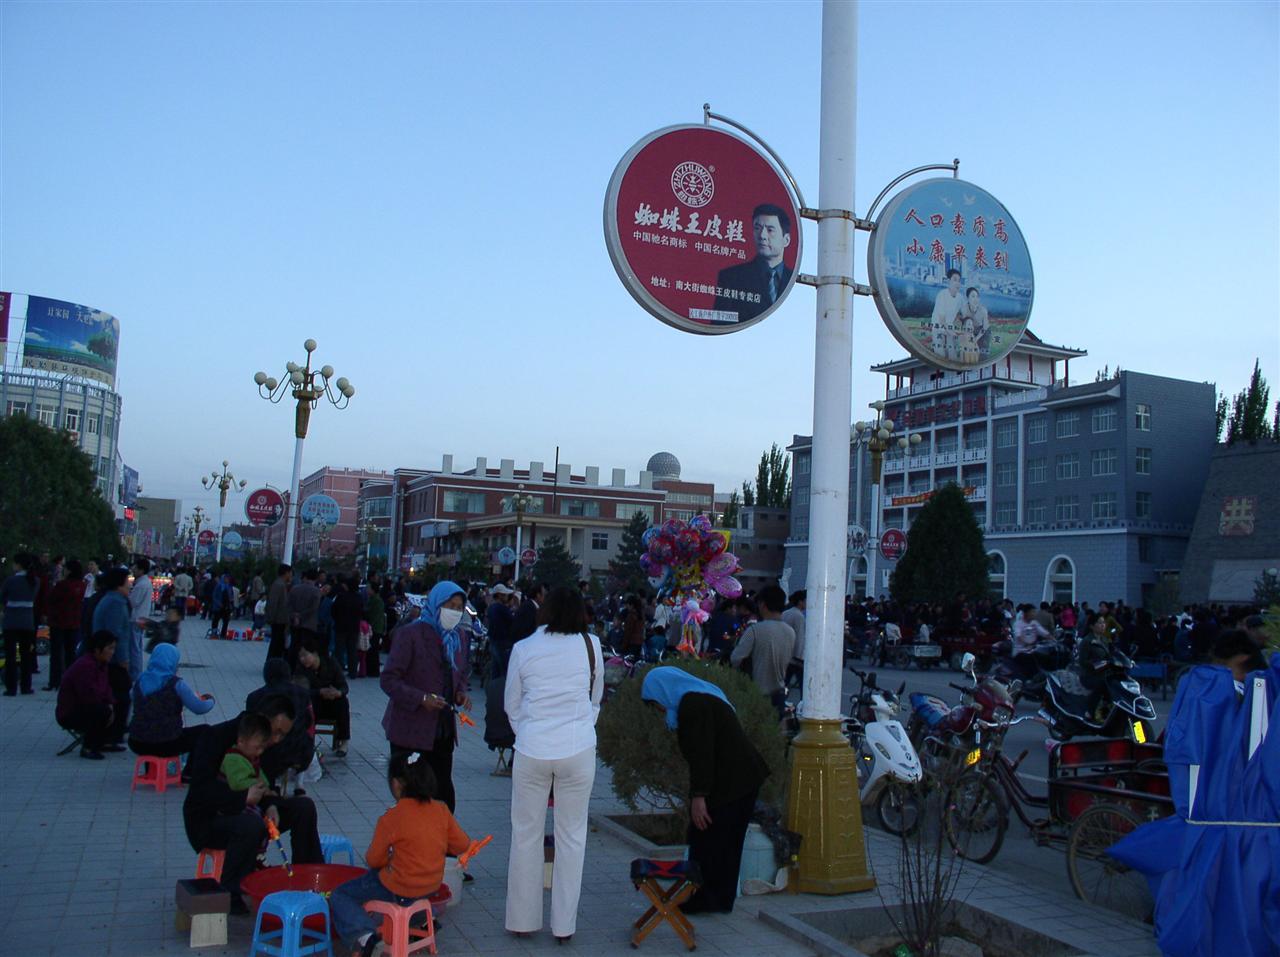 民勤文化广场广告牌